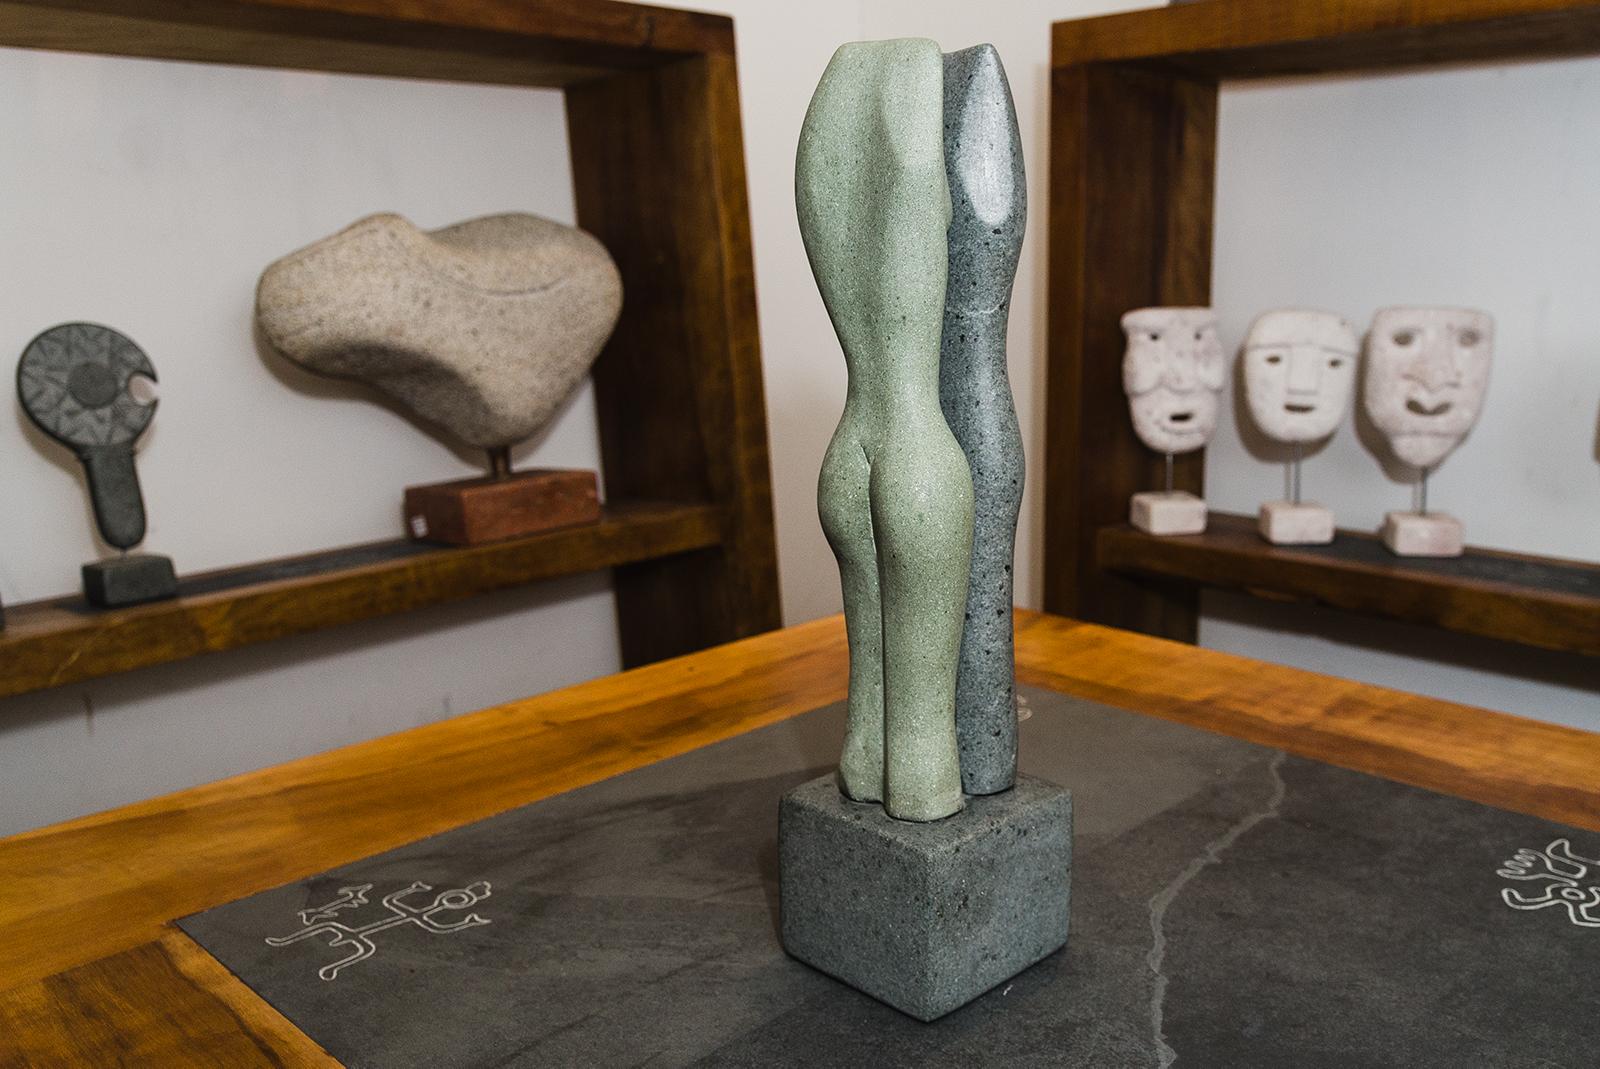 Esculturas Marco Antonio Fuentes - Diario Puerto Varas - 3er Encuentro de Arte, Diseño y Artesanía - Bosque Nativo